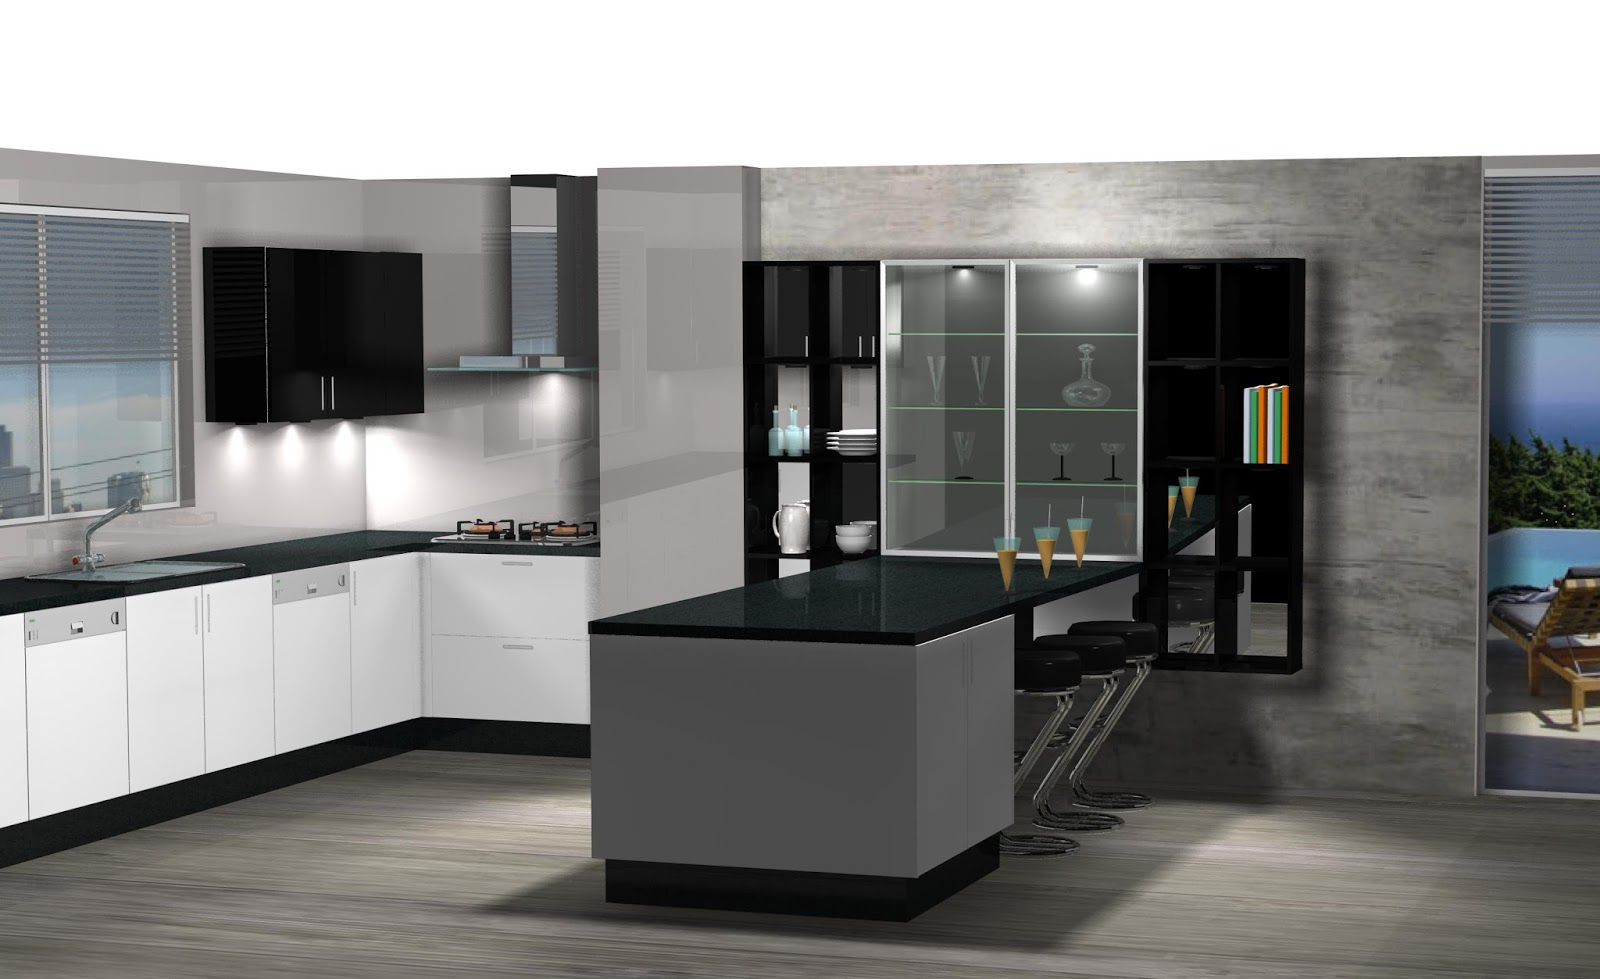 Diseño de cocina comedor lacado en blanco y negro.